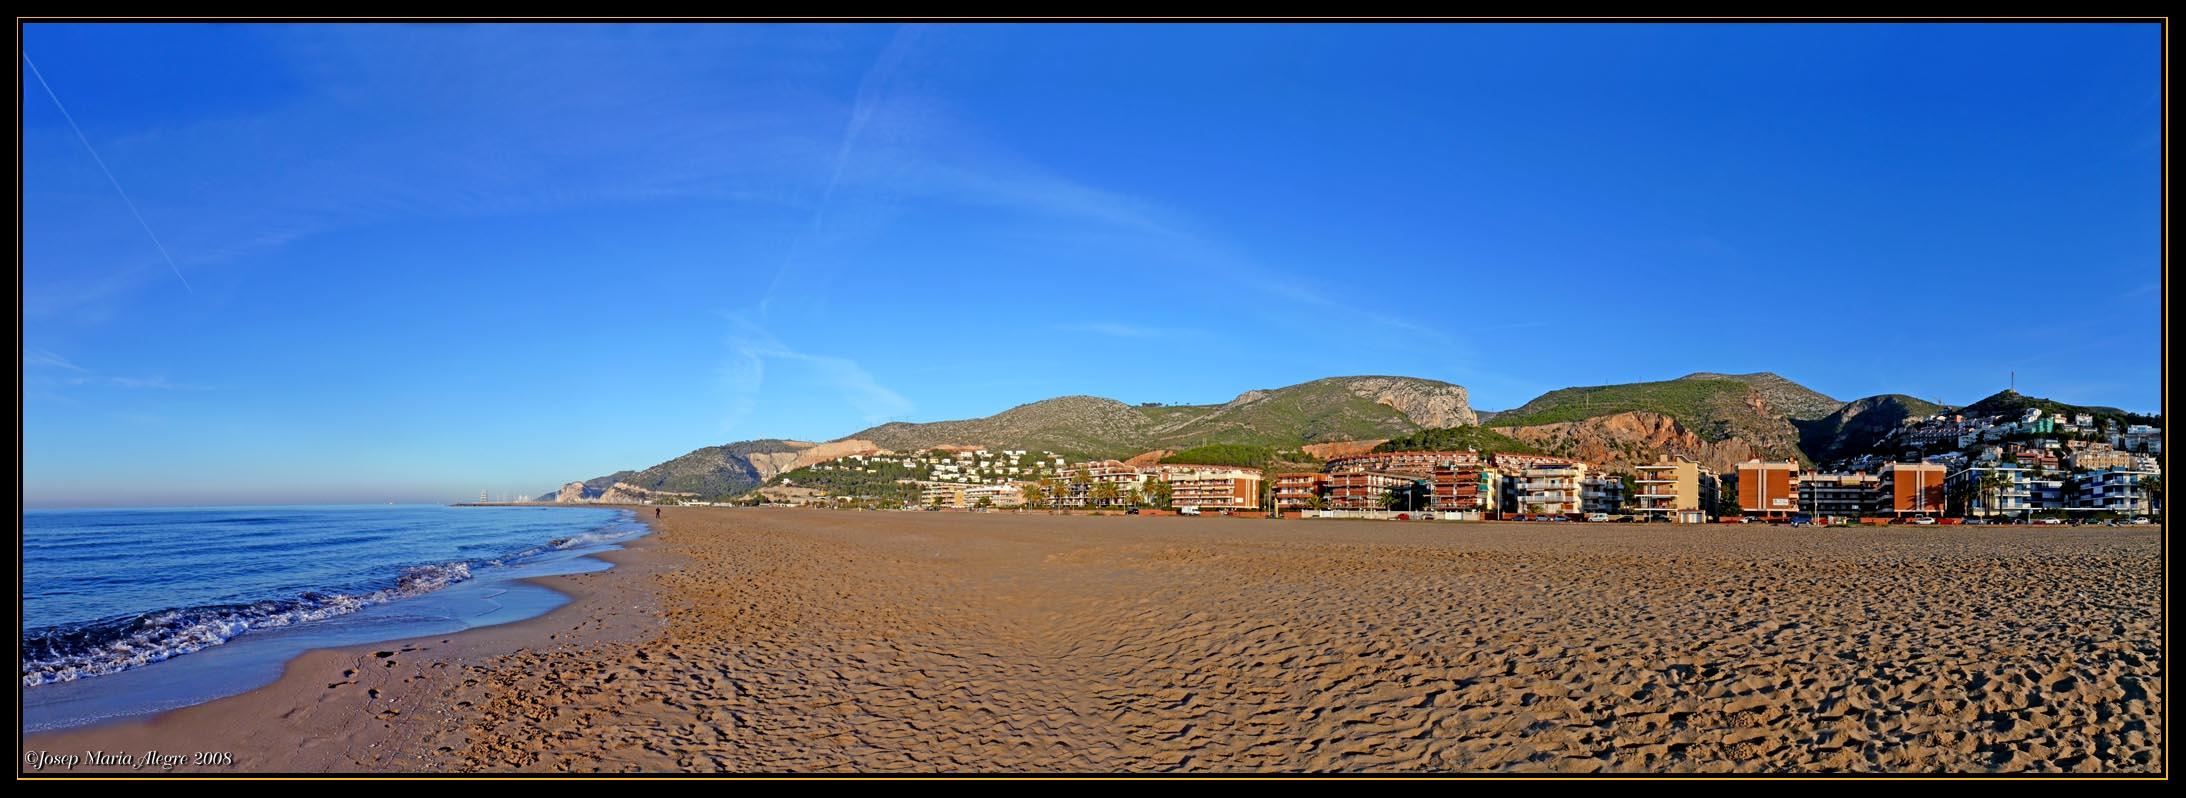 Playa Les Botigues